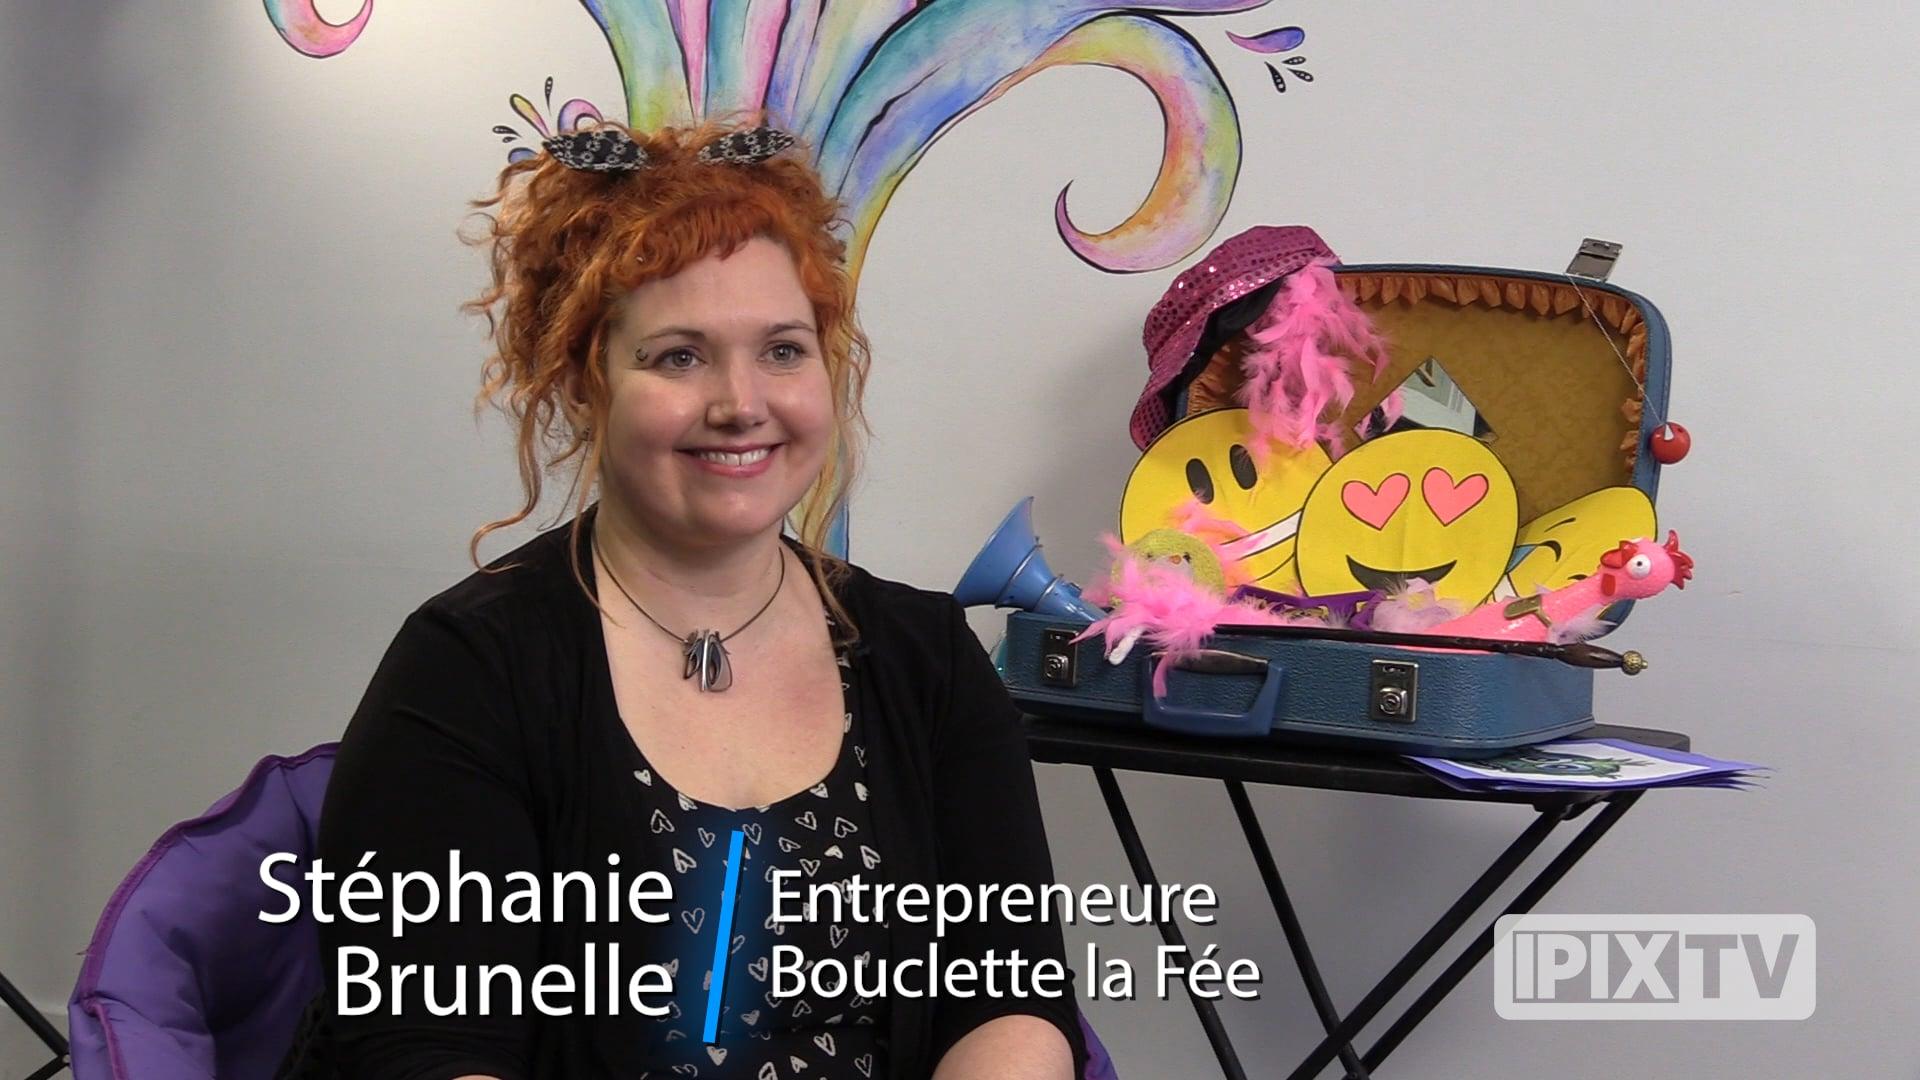 En Bref   Stéphanie Brunelle